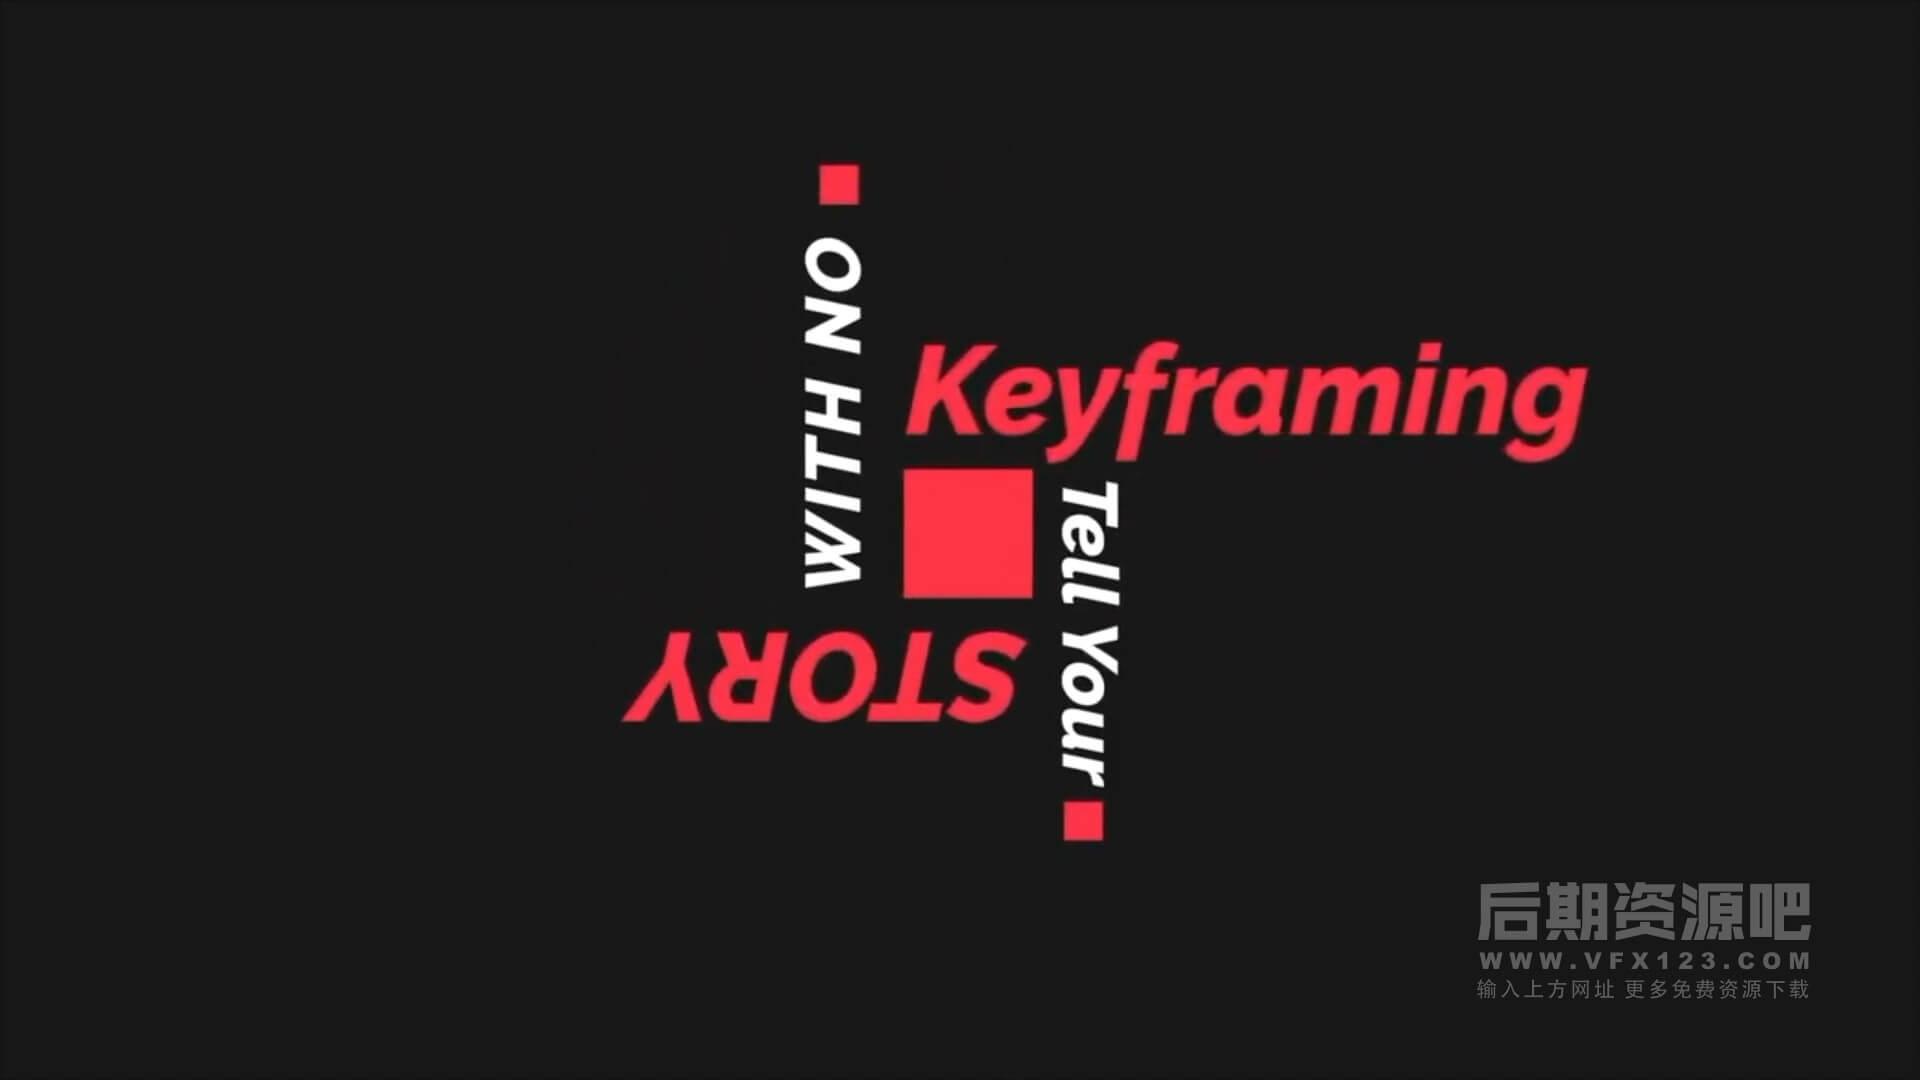 fcpx插件 25种滚动翻转动画效果字幕标题预设 Kinetic Type Vol. 2